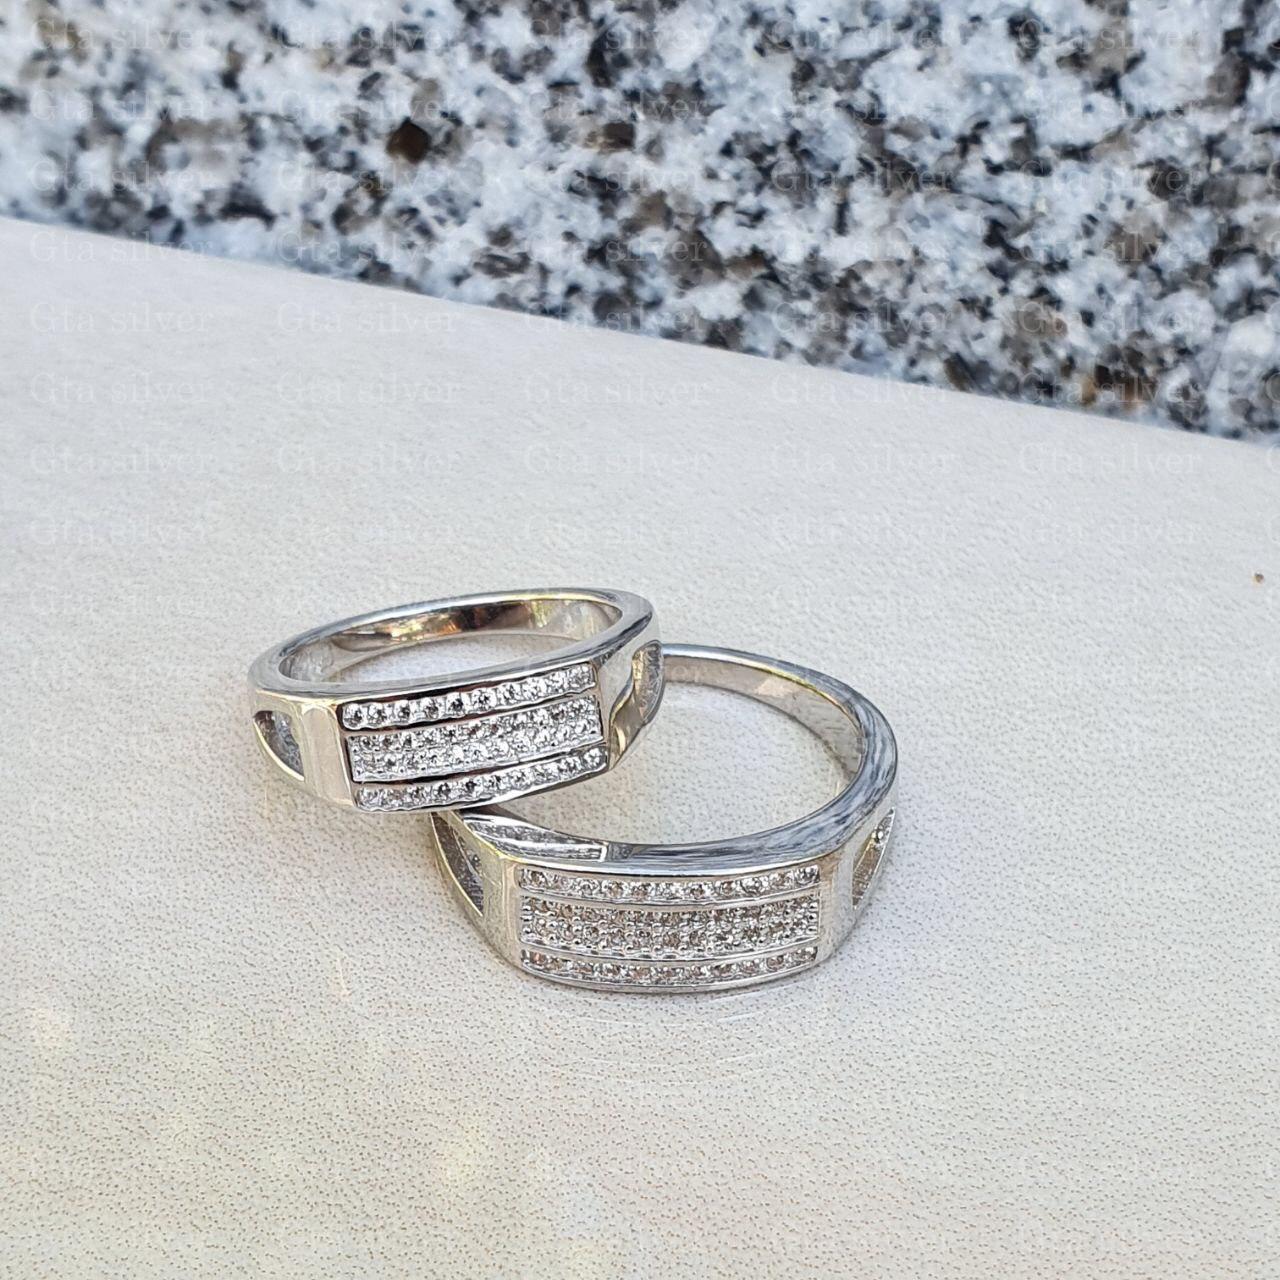 ست حلقه ازدواج وزن 9.5 گرم مدل 59